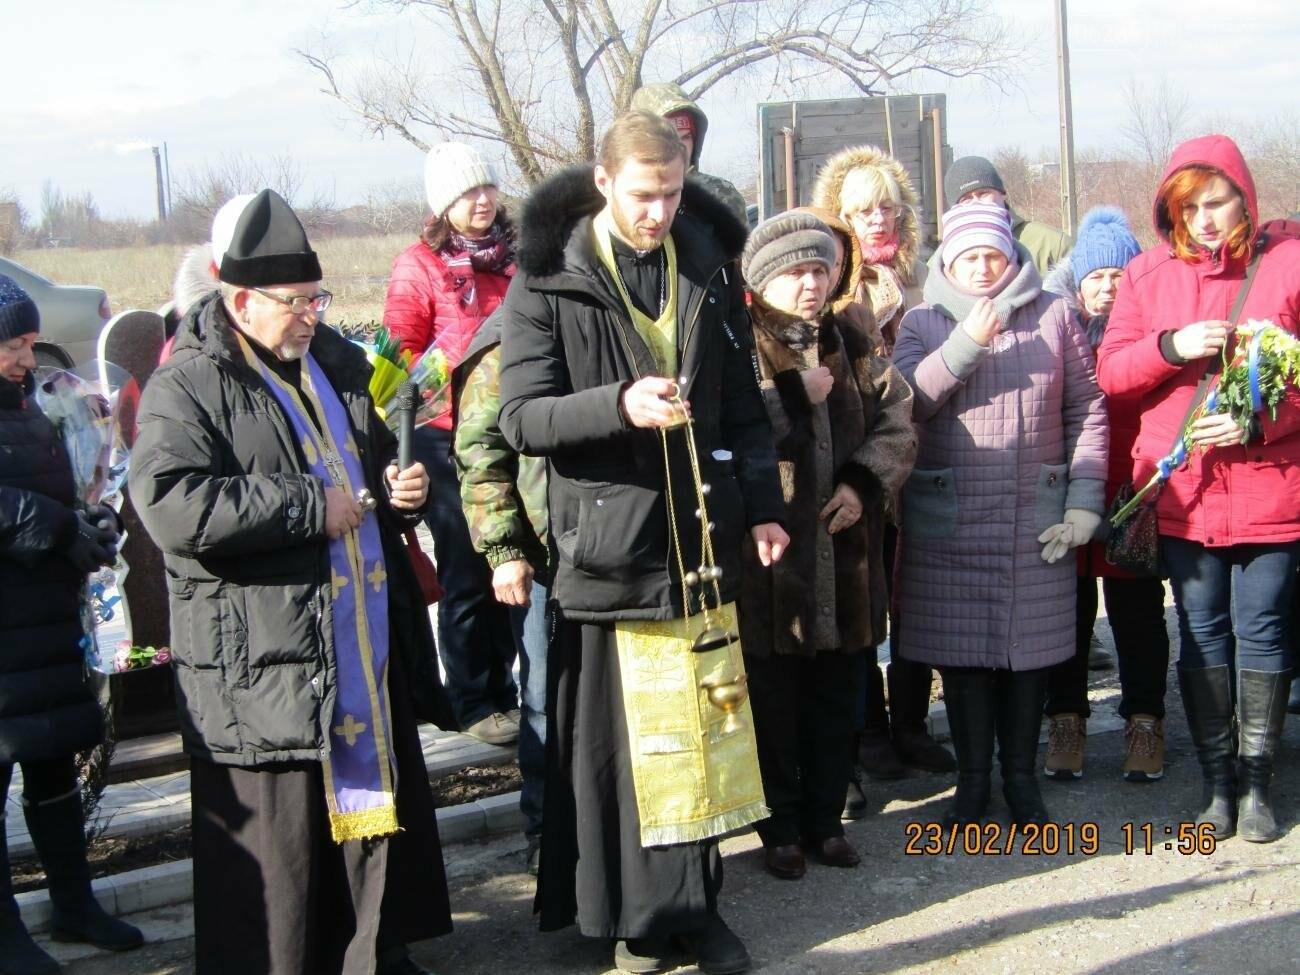 В Родинском провели акцию по чествованию памяти погибших во время АТО и ООС украинских воинов, фото-2